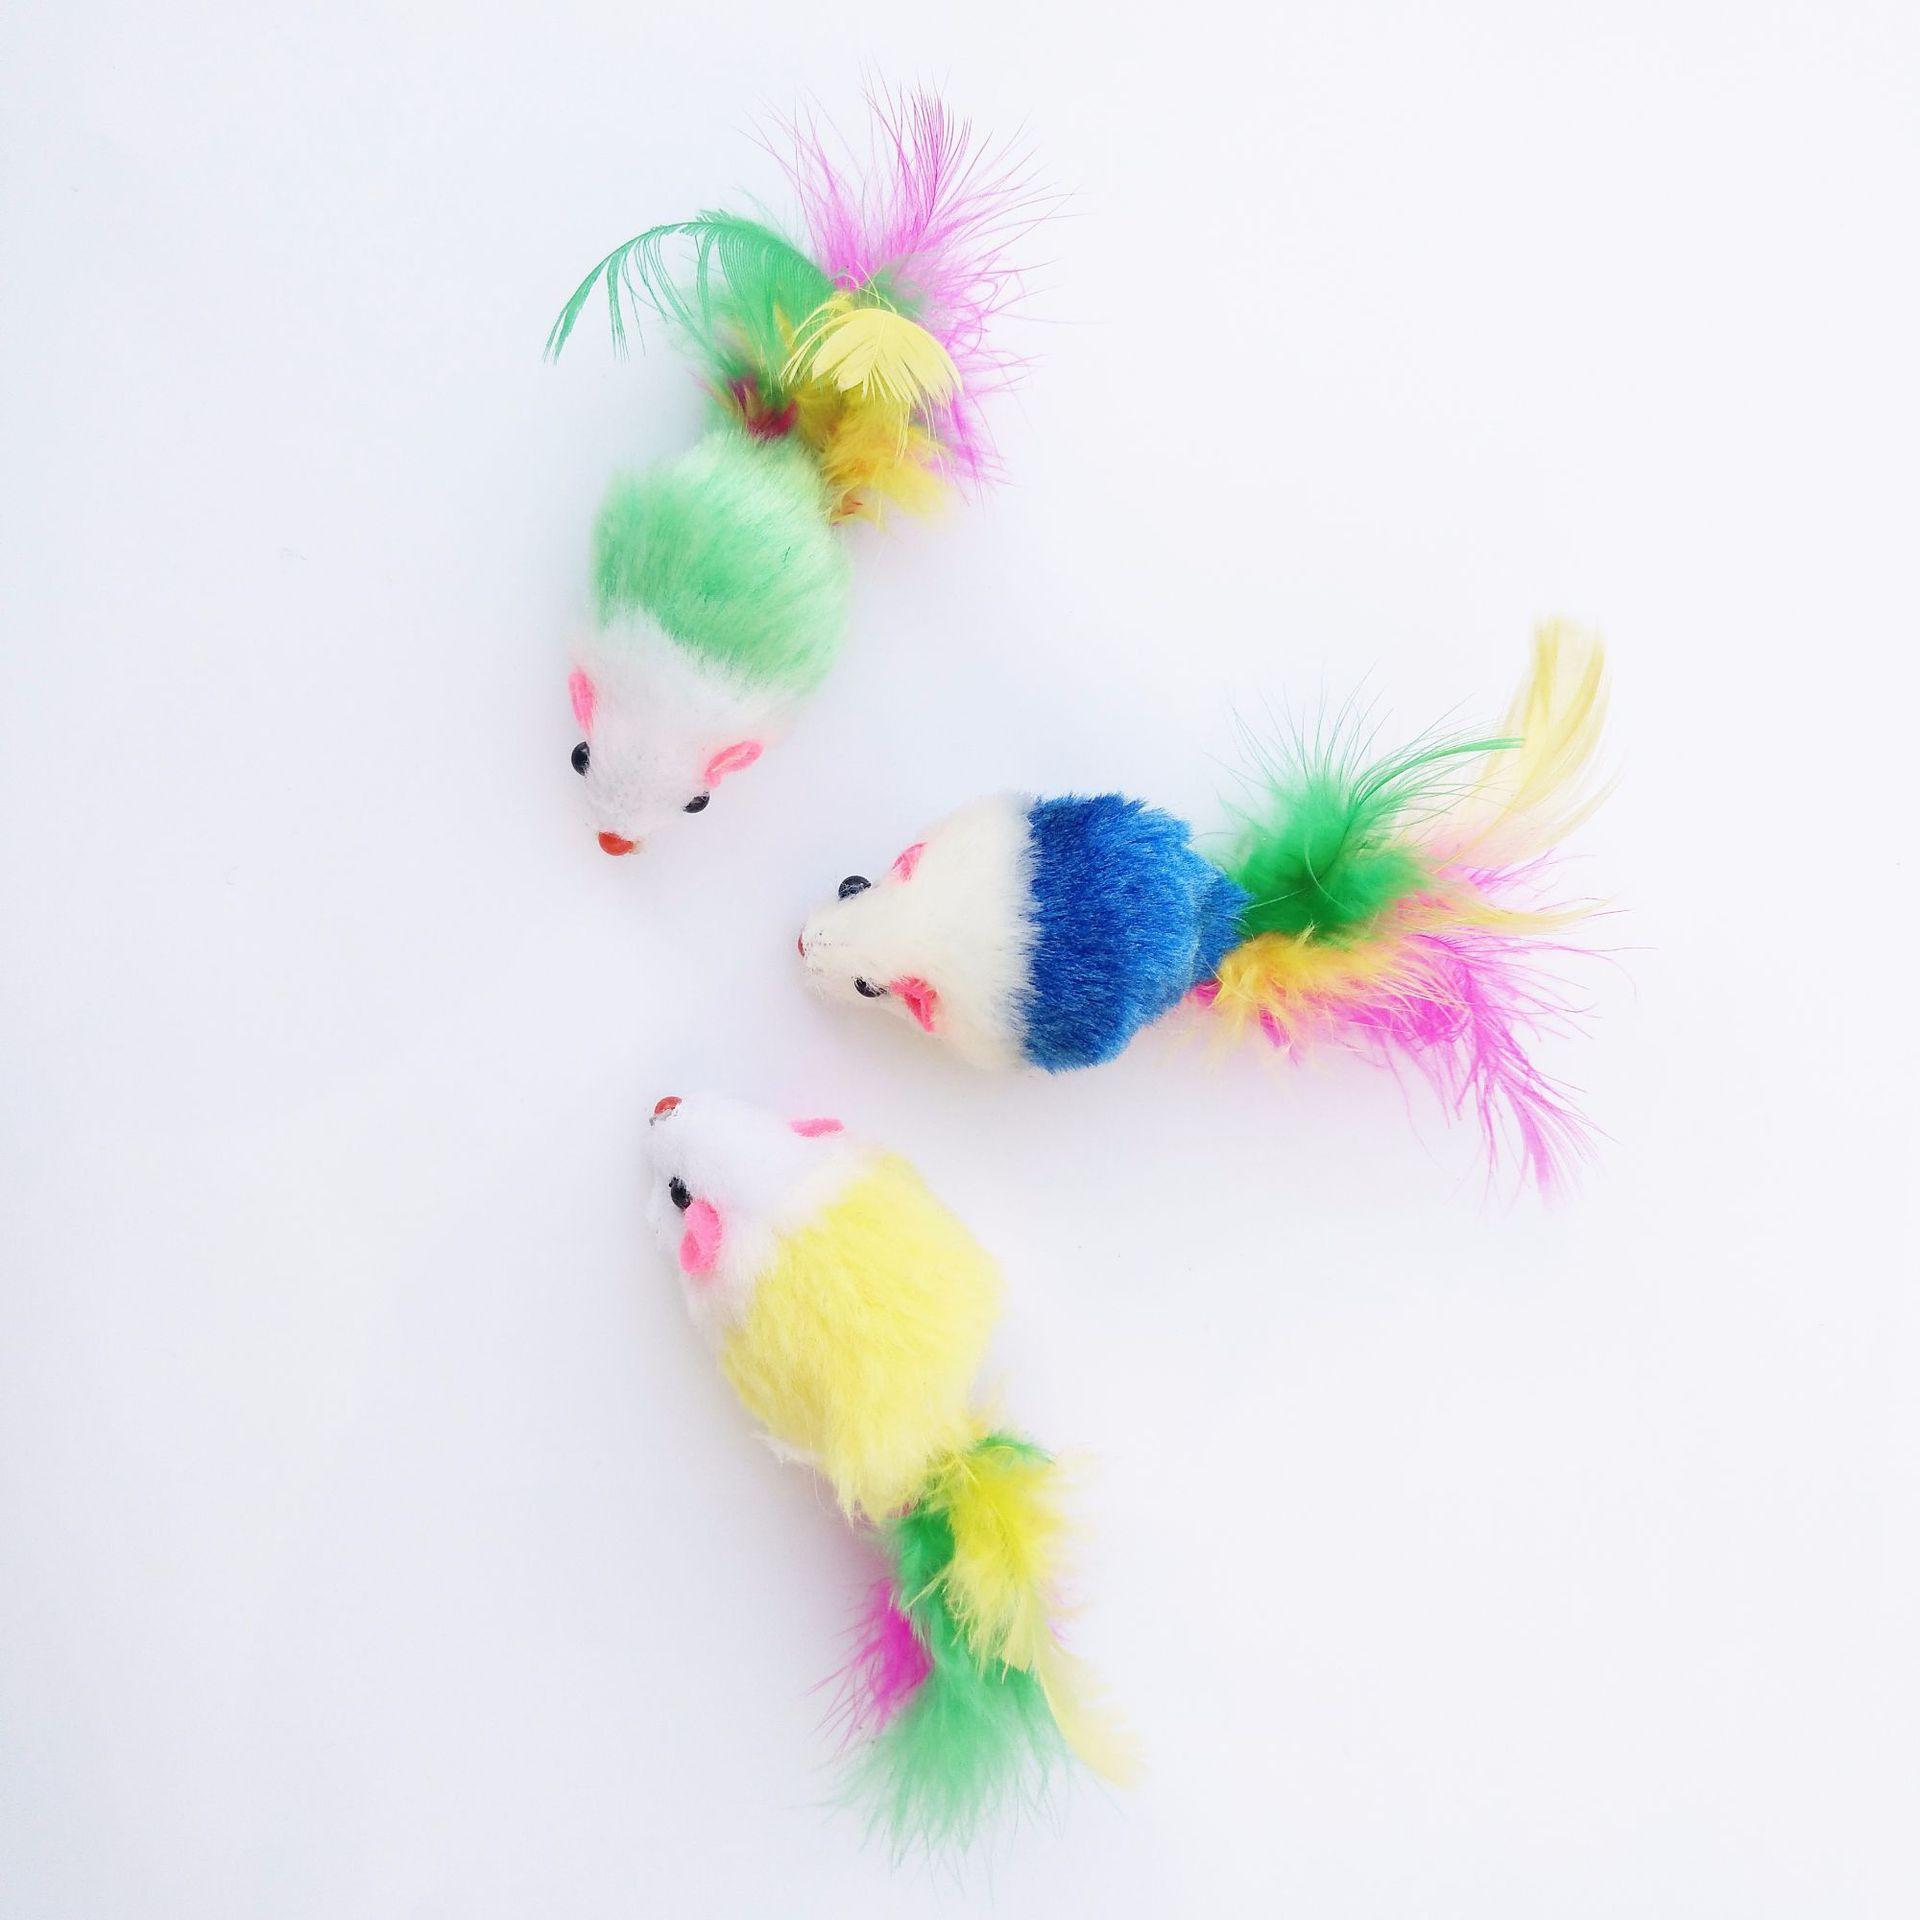 热销宠物用品猫玩具毛绒小老鼠彩色羽毛厂家直销逗猫玩具羽毛老鼠